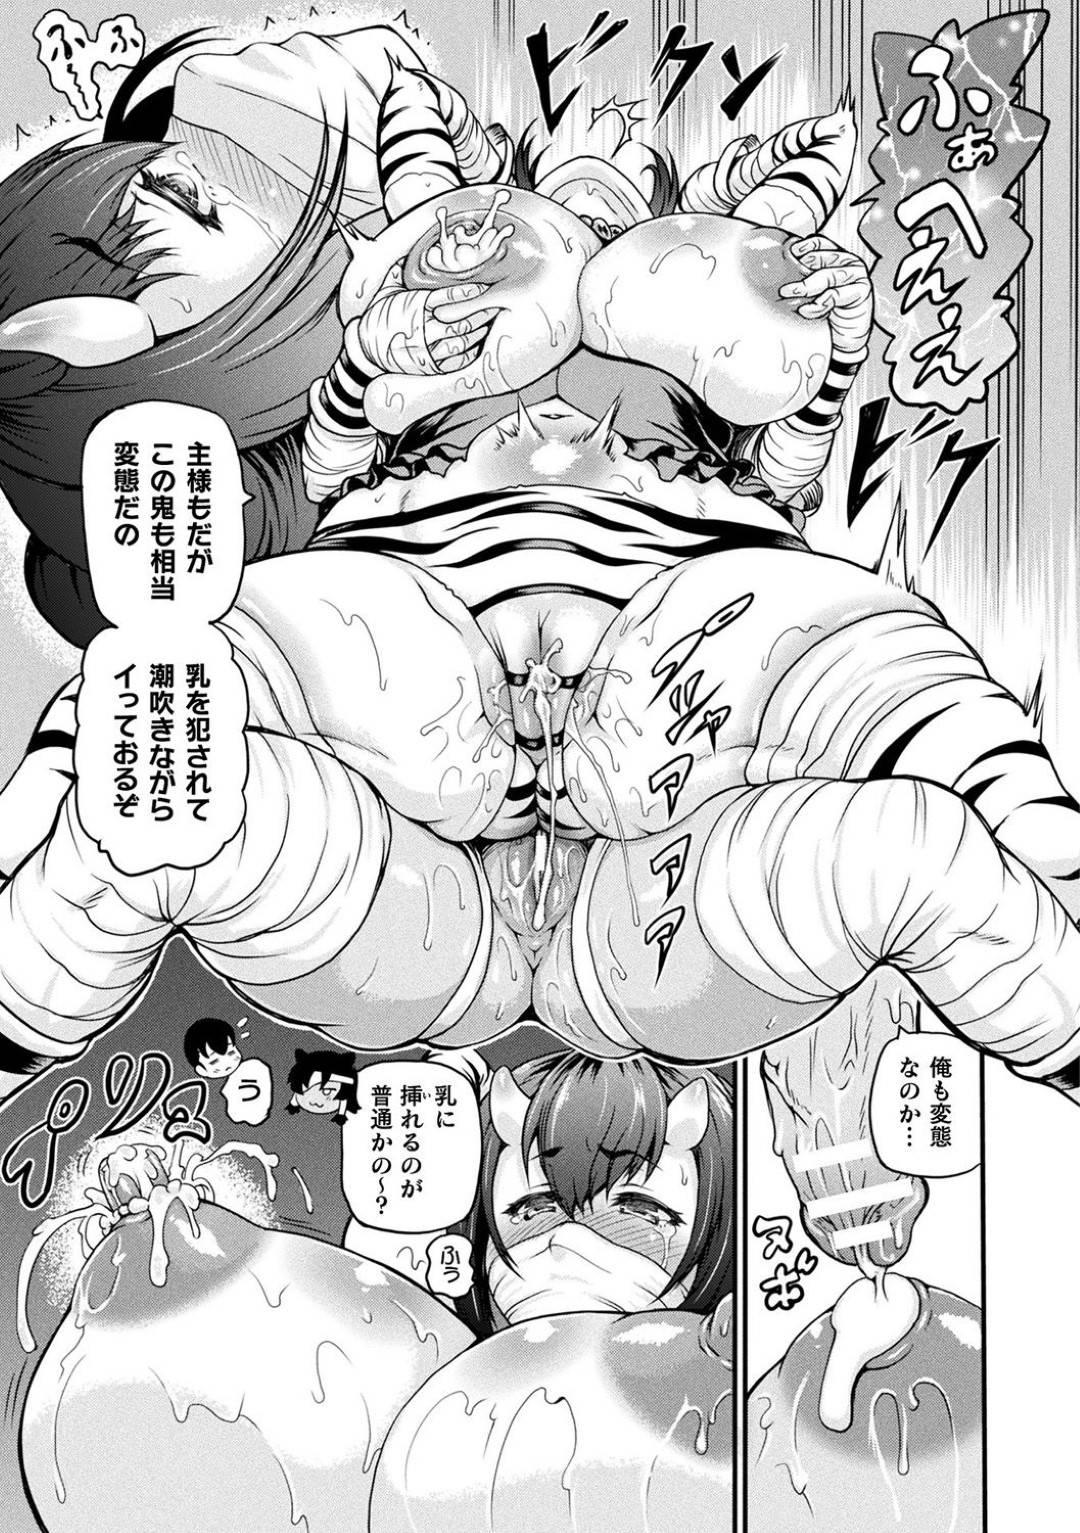 【エロ漫画】退魔師のショタに処女を捧げてからずっとセックスする魔物褐色少女…床上手になったショタを褒めていると突然巨乳鬼娘が現れ3Pになる!【しいなかずき】